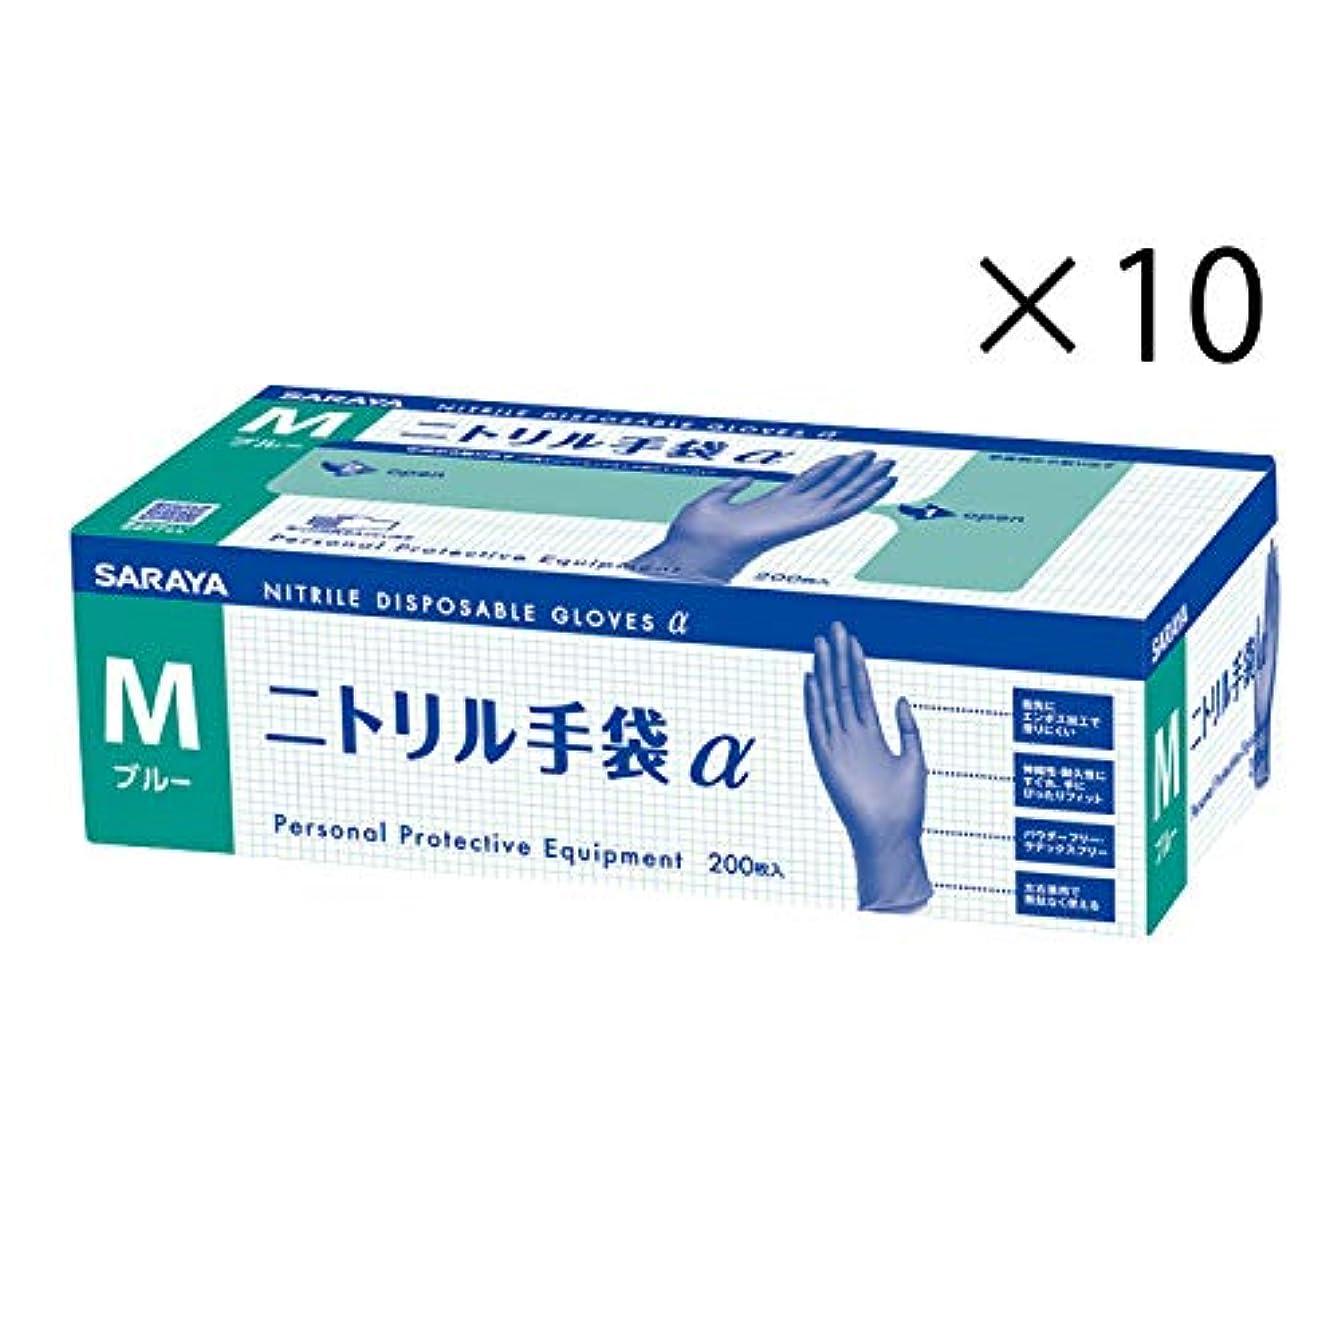 しなければならない降雨通知するサラヤ ニトリル手袋α 粉無 M ブルー 200枚×10箱